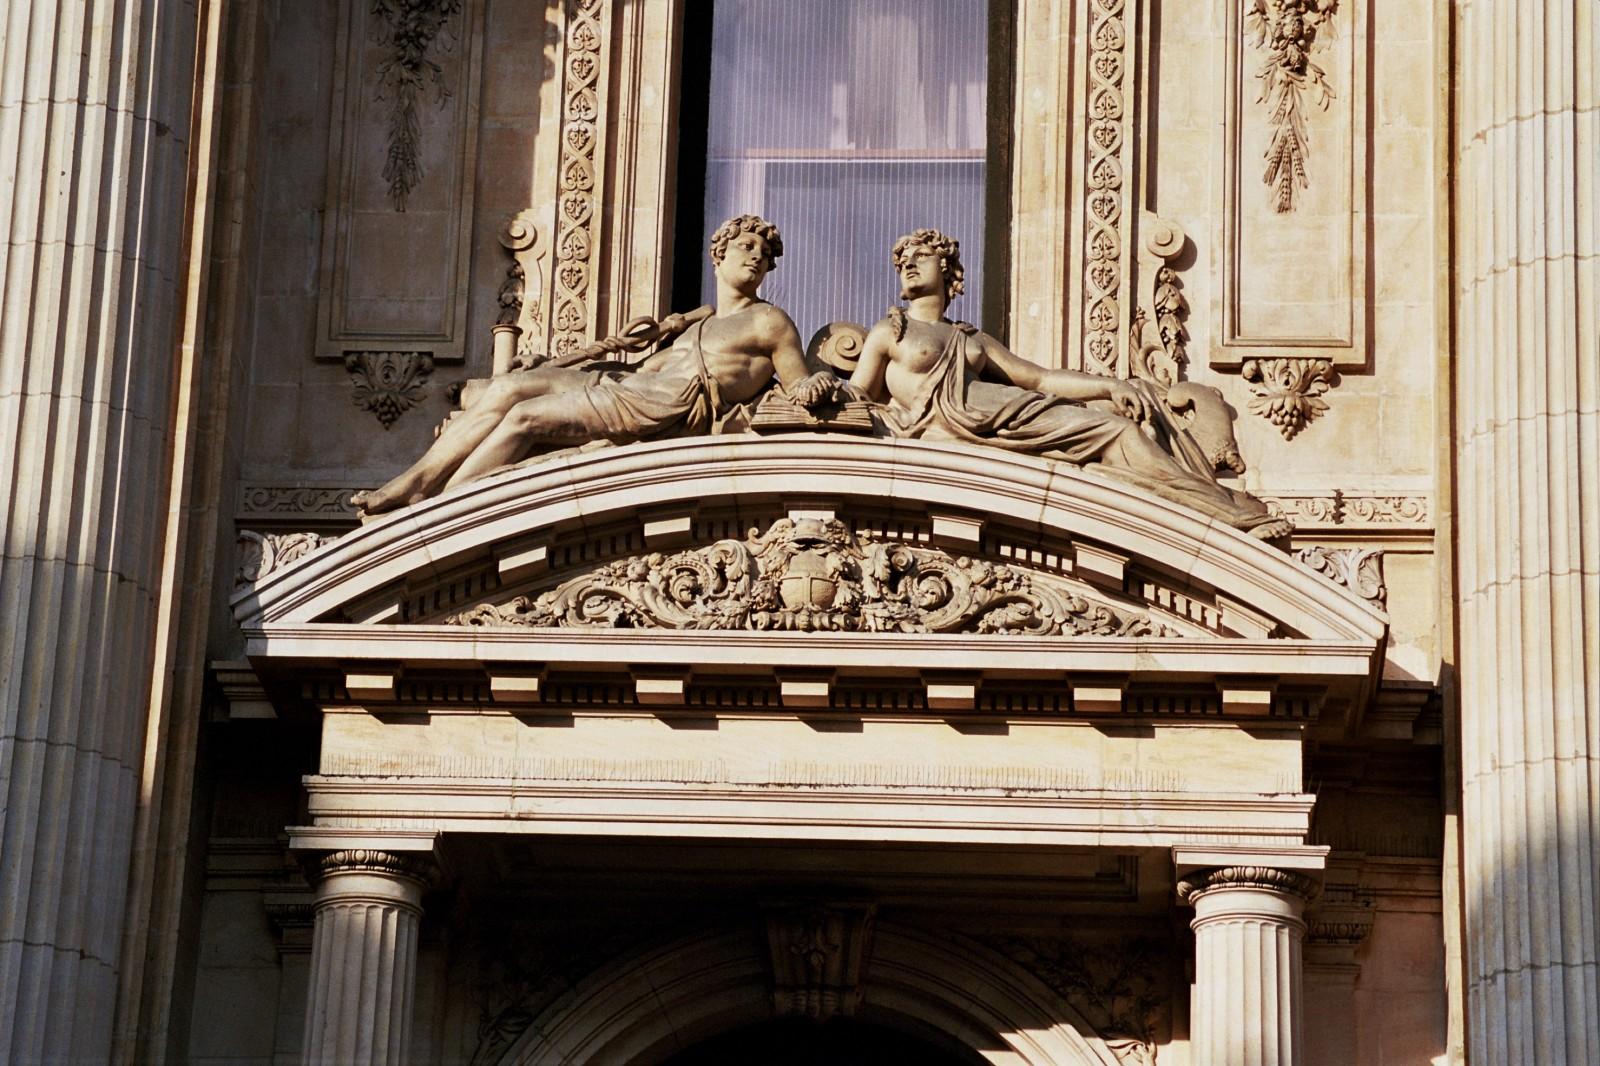 Fronton courbe à tympan sculpté, Bourse de Commerce, bd Anspach 80, Bruxelles, 1868, architecte L. P. Suys., 2005